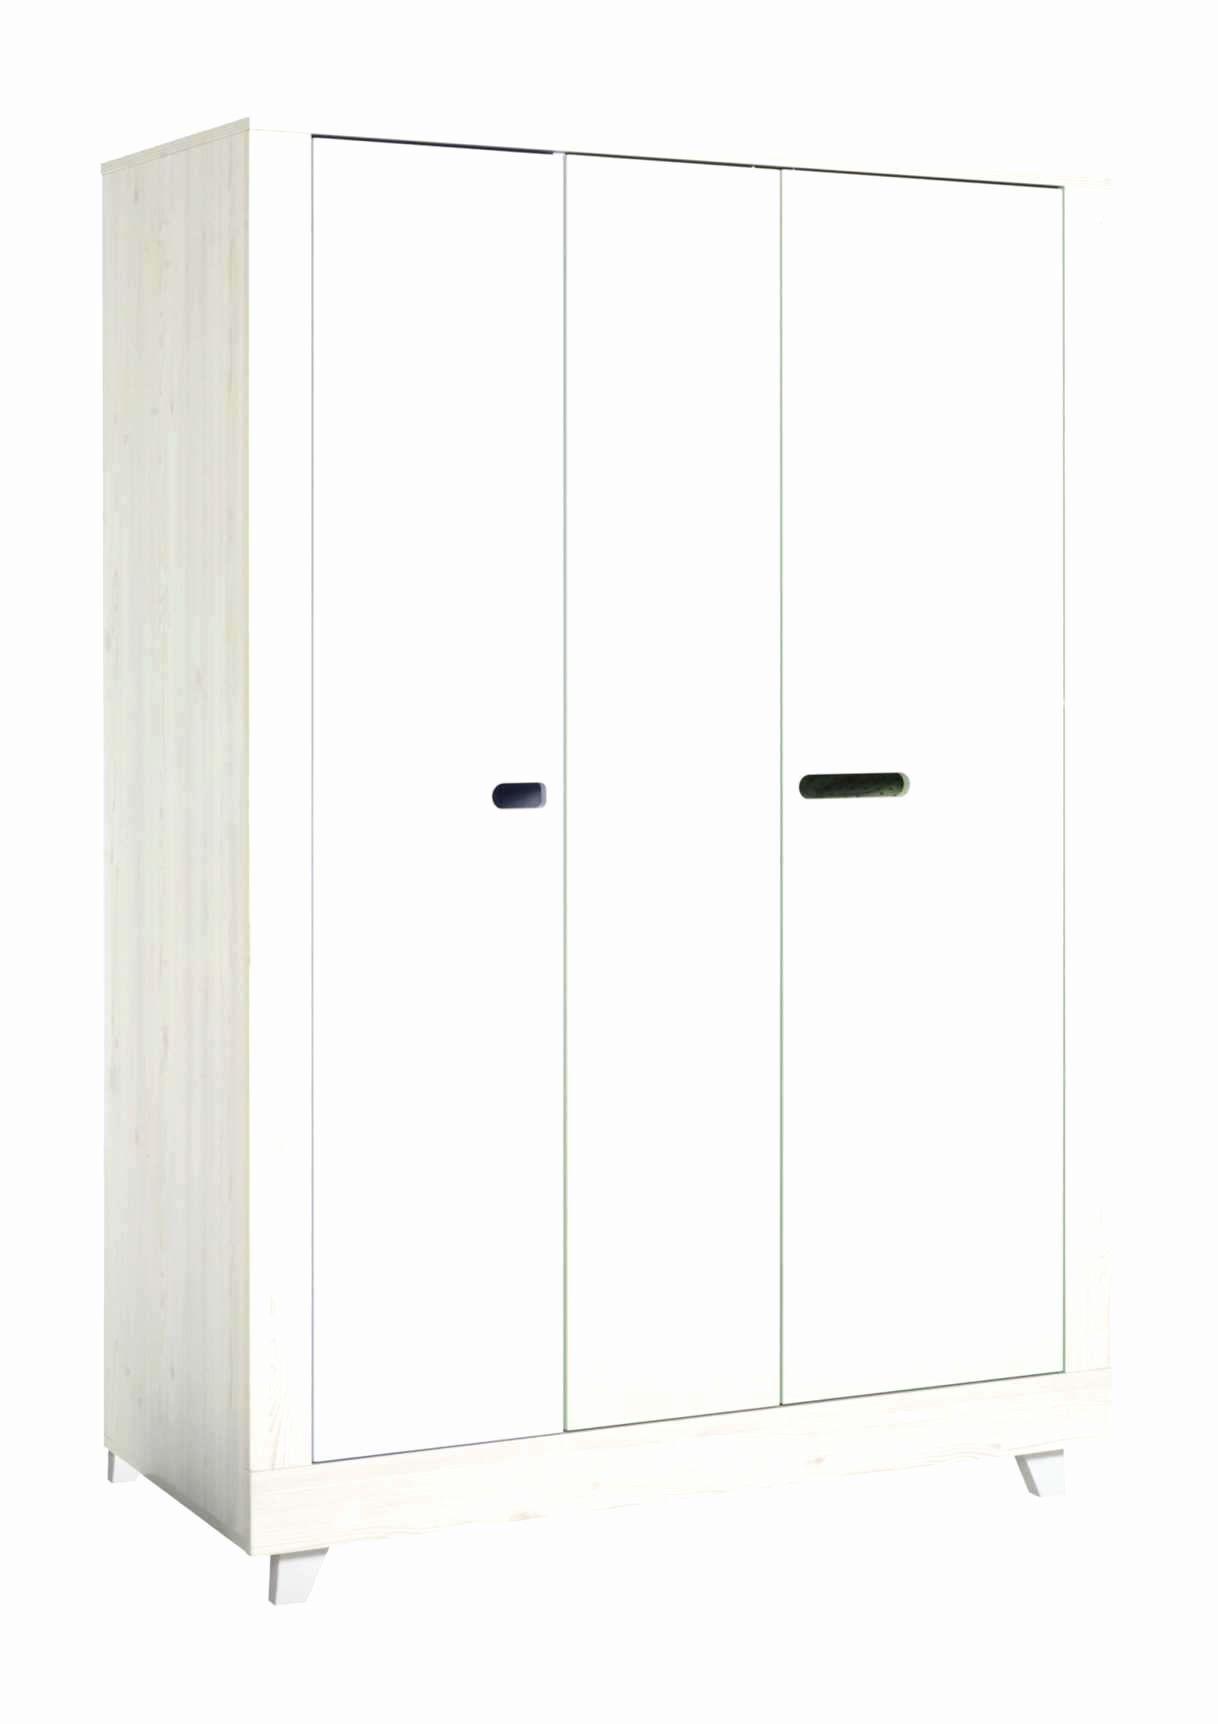 44 Beseelt Ikea Badezimmer Aufbewahrung Wandschrank Du Kannst Es Versuchen Locker Storage Storage Design